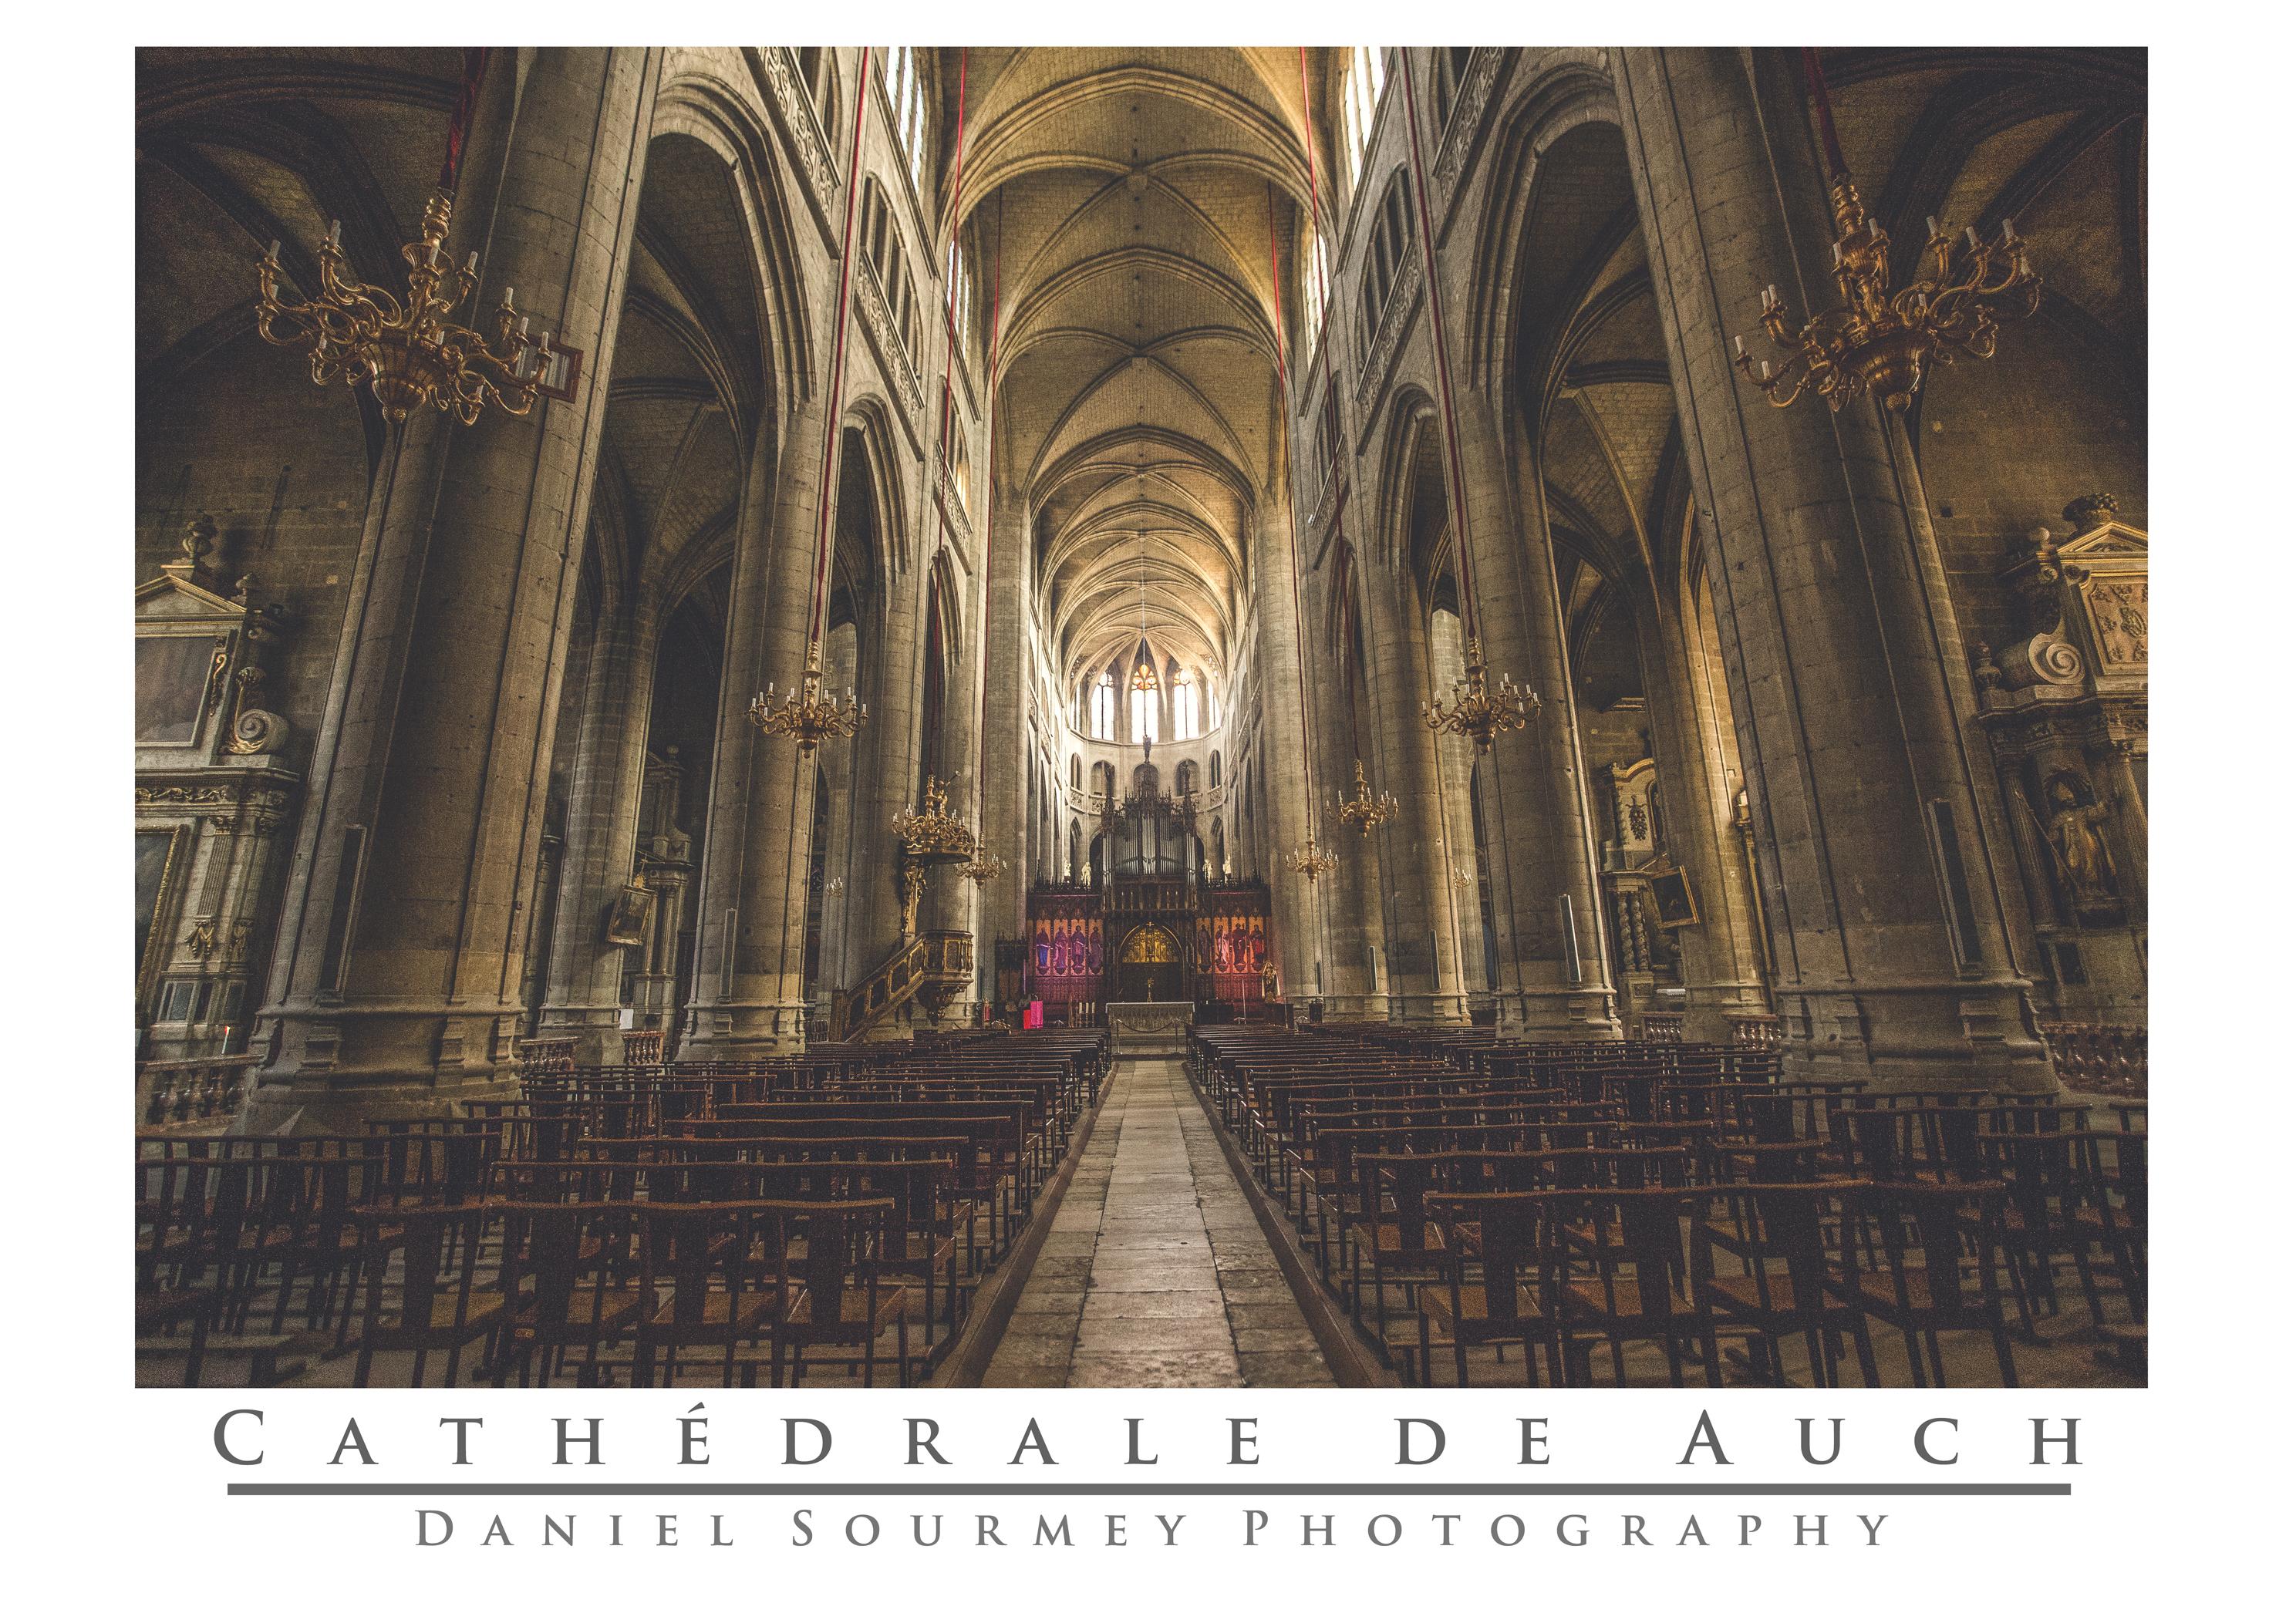 Cathédrale d'Auch